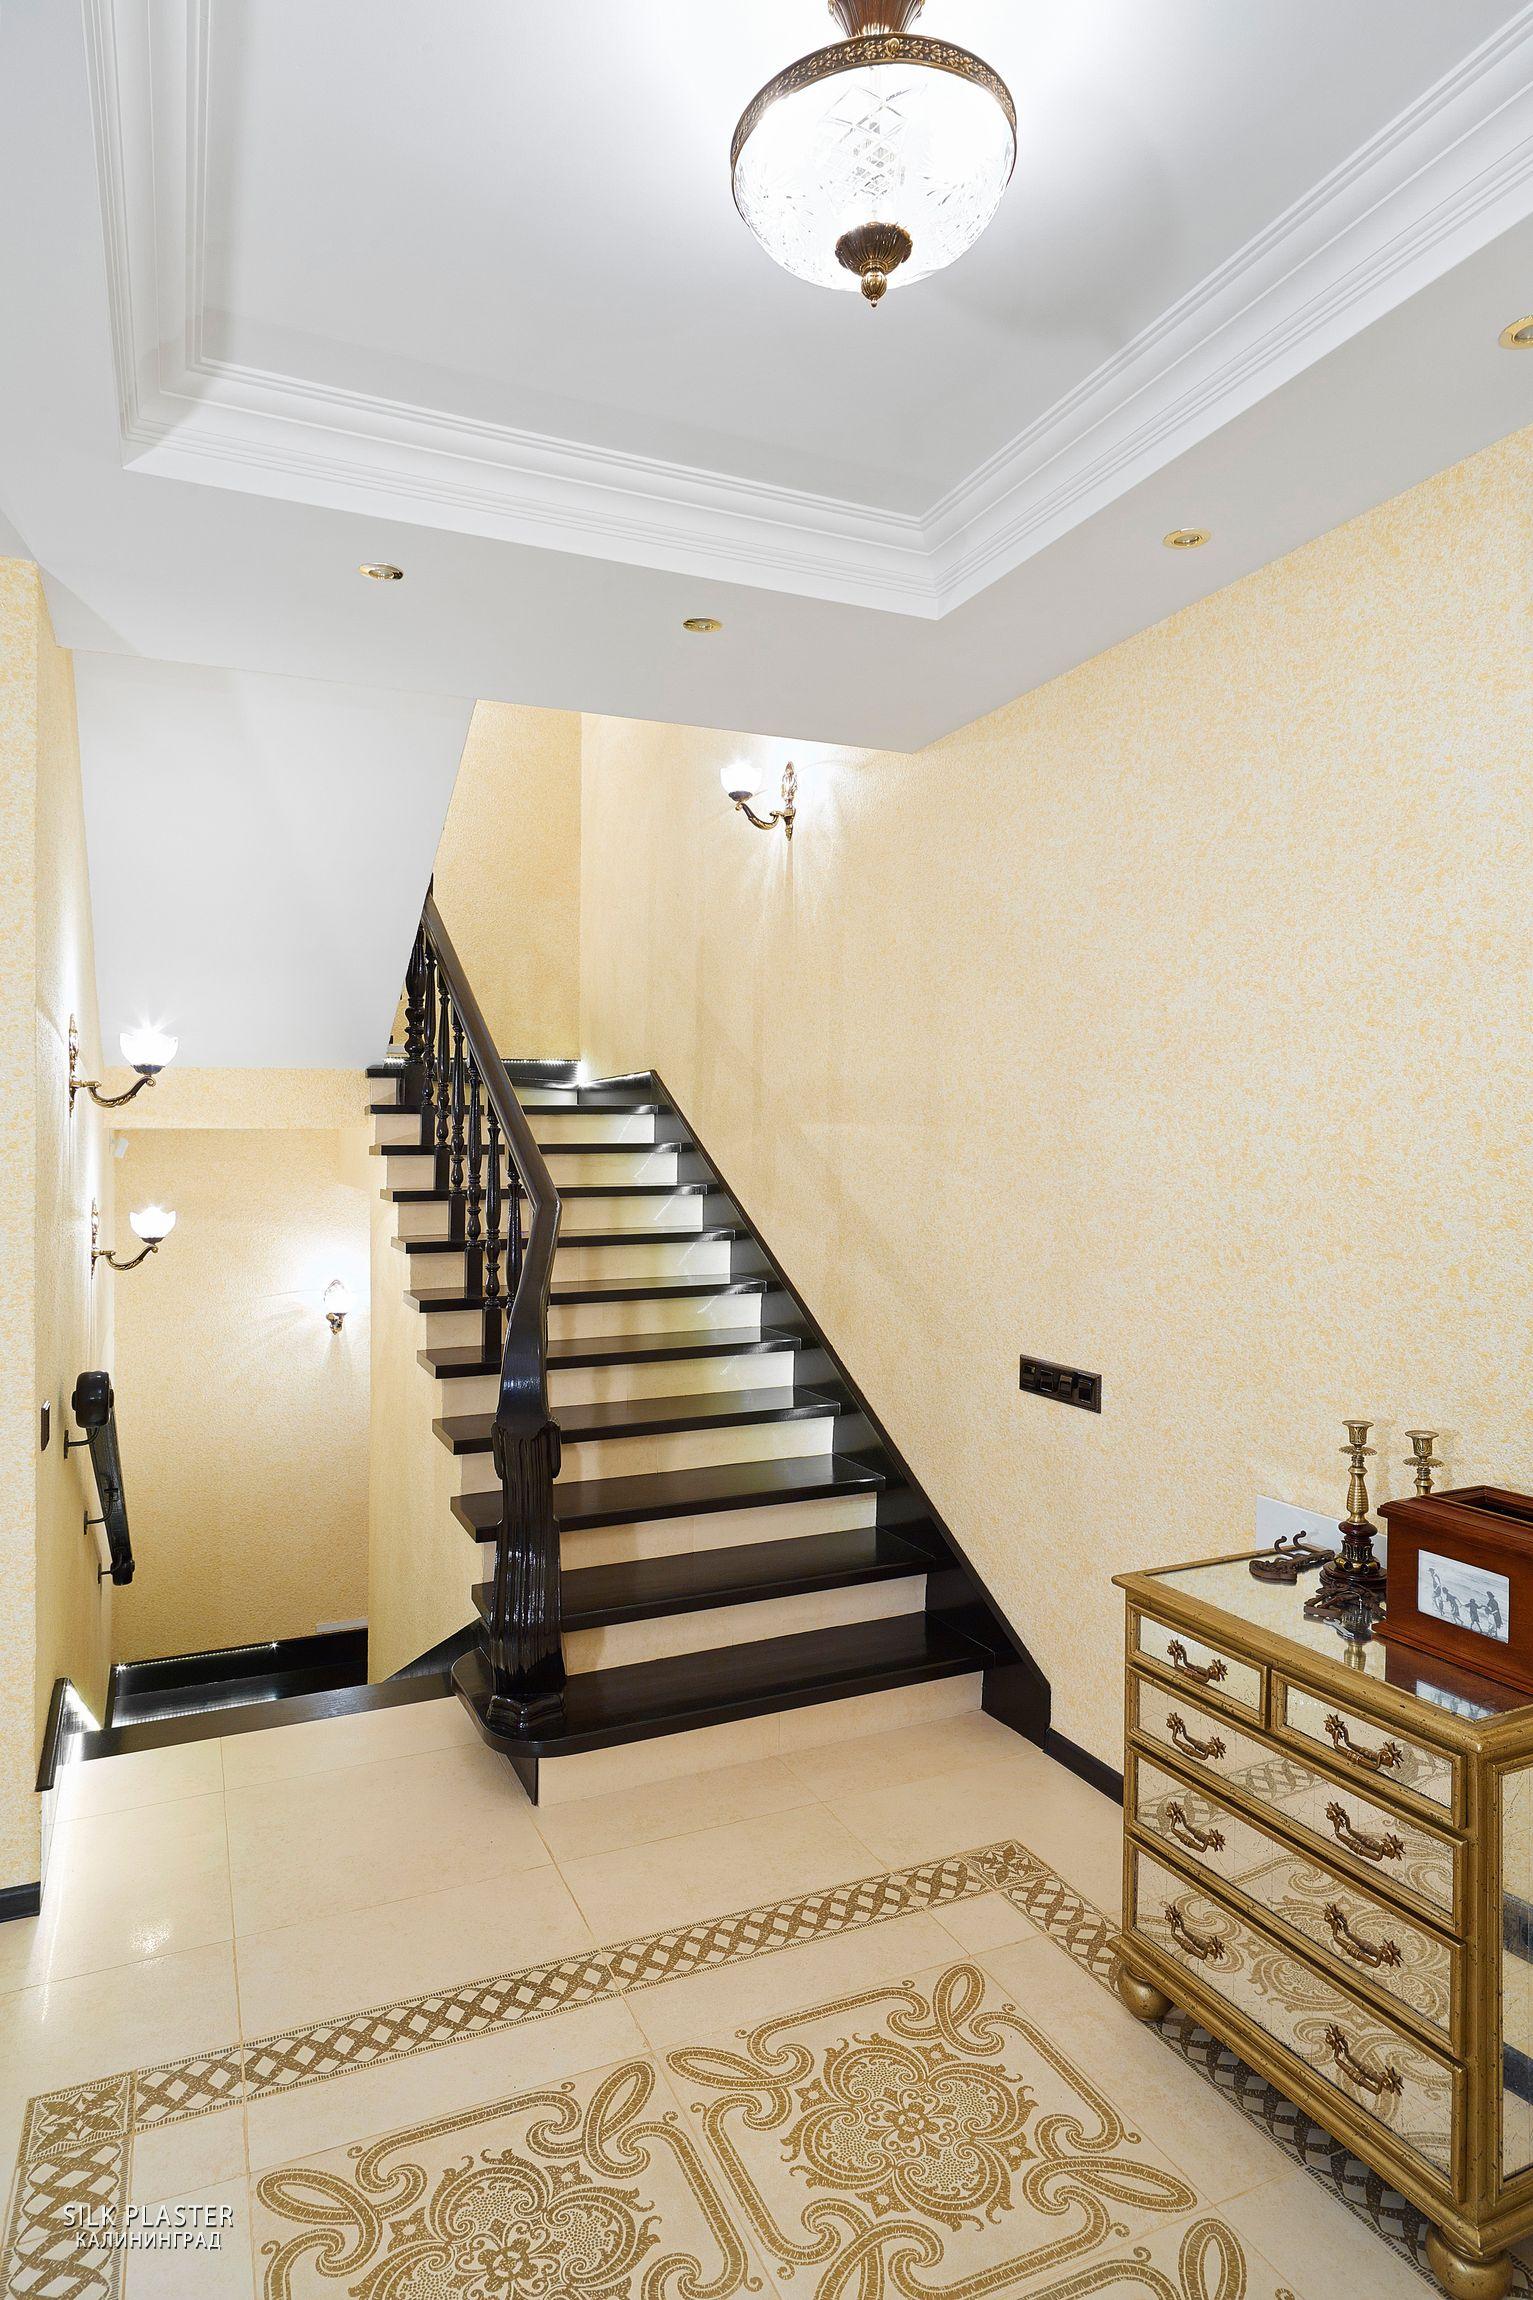 недавно один фото потолков где есть лестница ночью артисты устроили